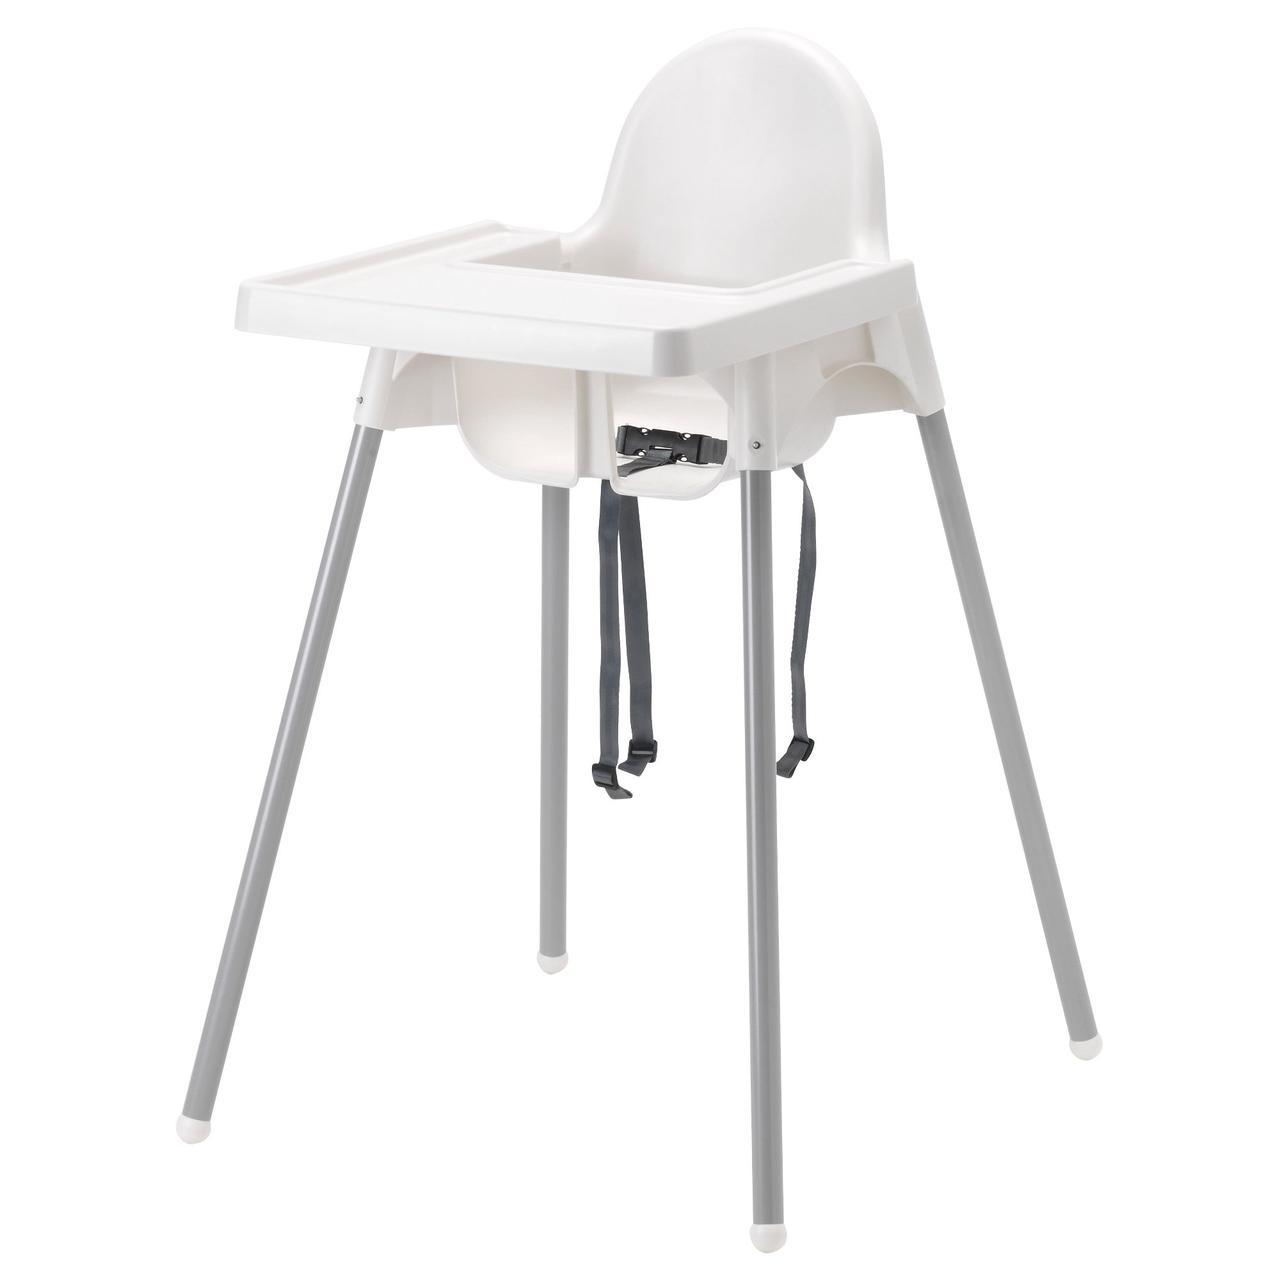 ✅ IKEA ANTILOP (290.672.93) Стульчик для кормления